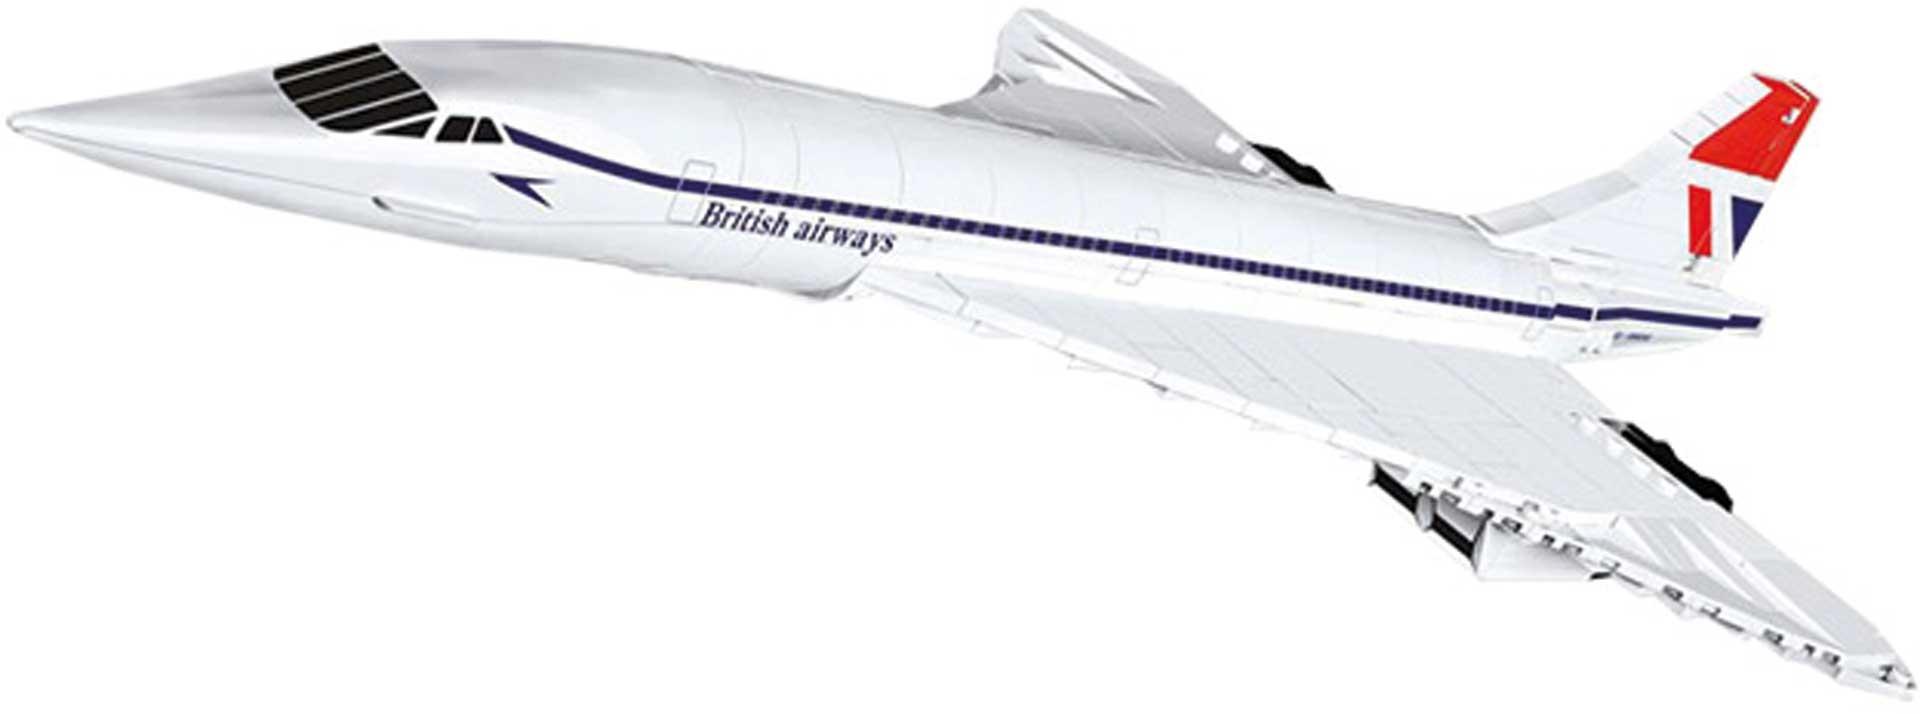 COBI Concorde G-BBDG (455 Teile) Bausatz Klemmbausteine